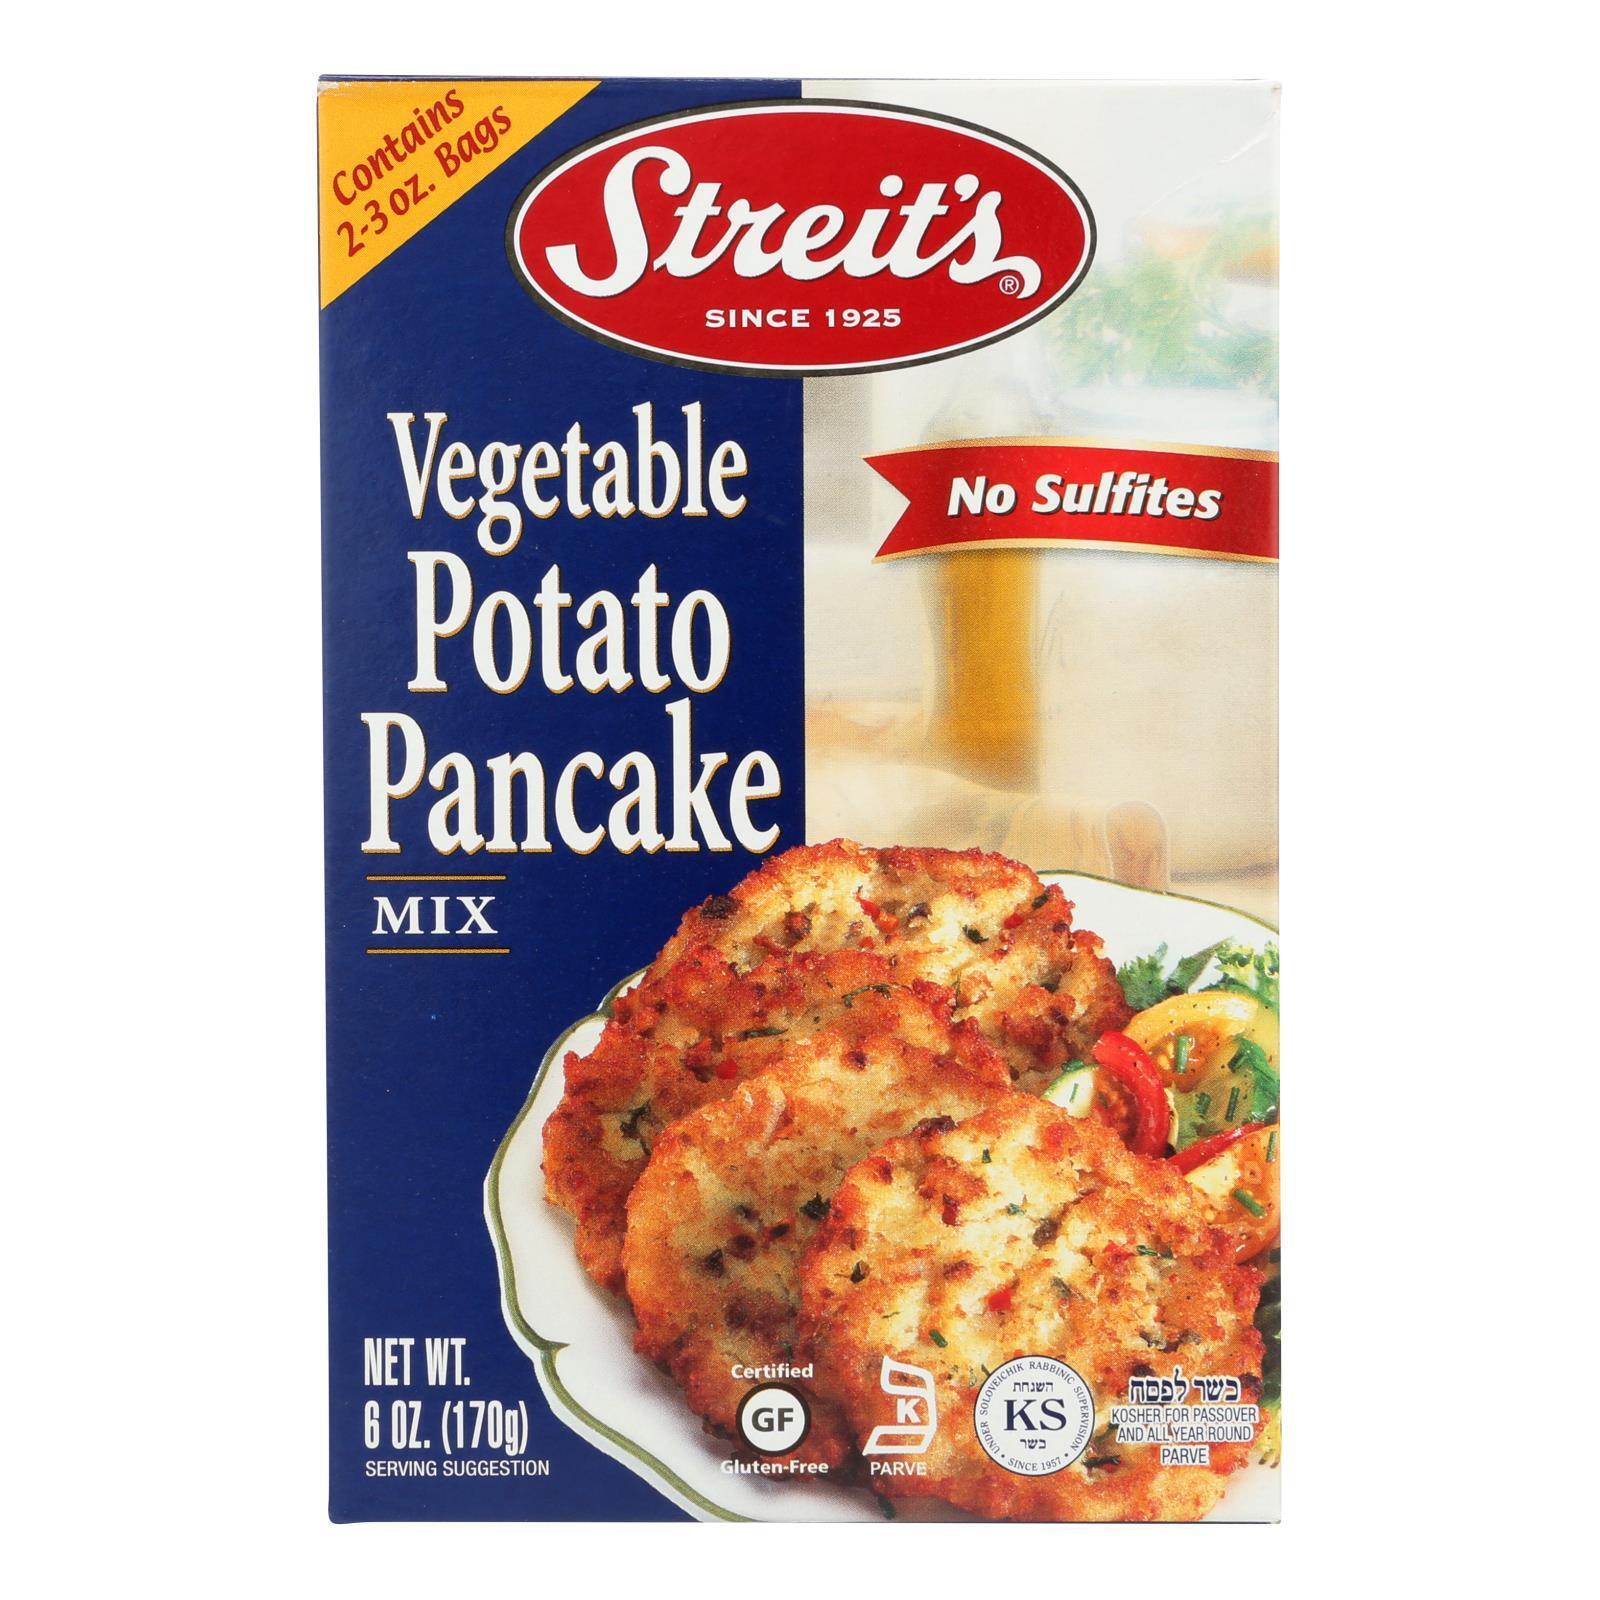 Streit's Pancake Mix - Vegetable Potato - Case of 12 - 6 oz.